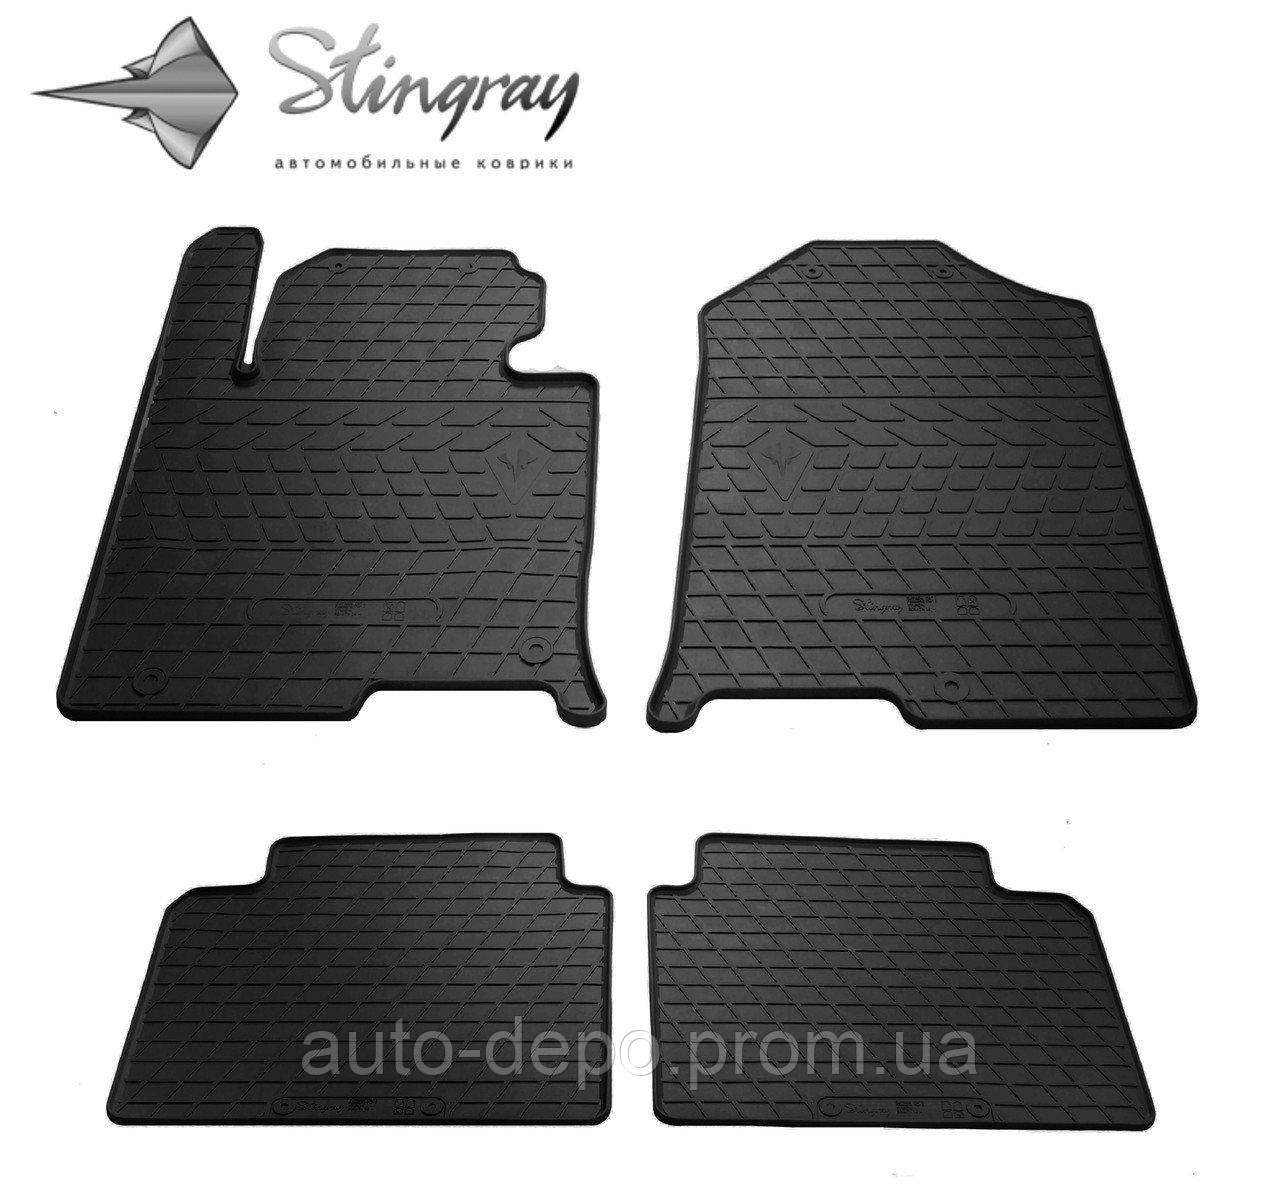 Автомобільні килимки Hyundai Sonata 2016 - Stingray